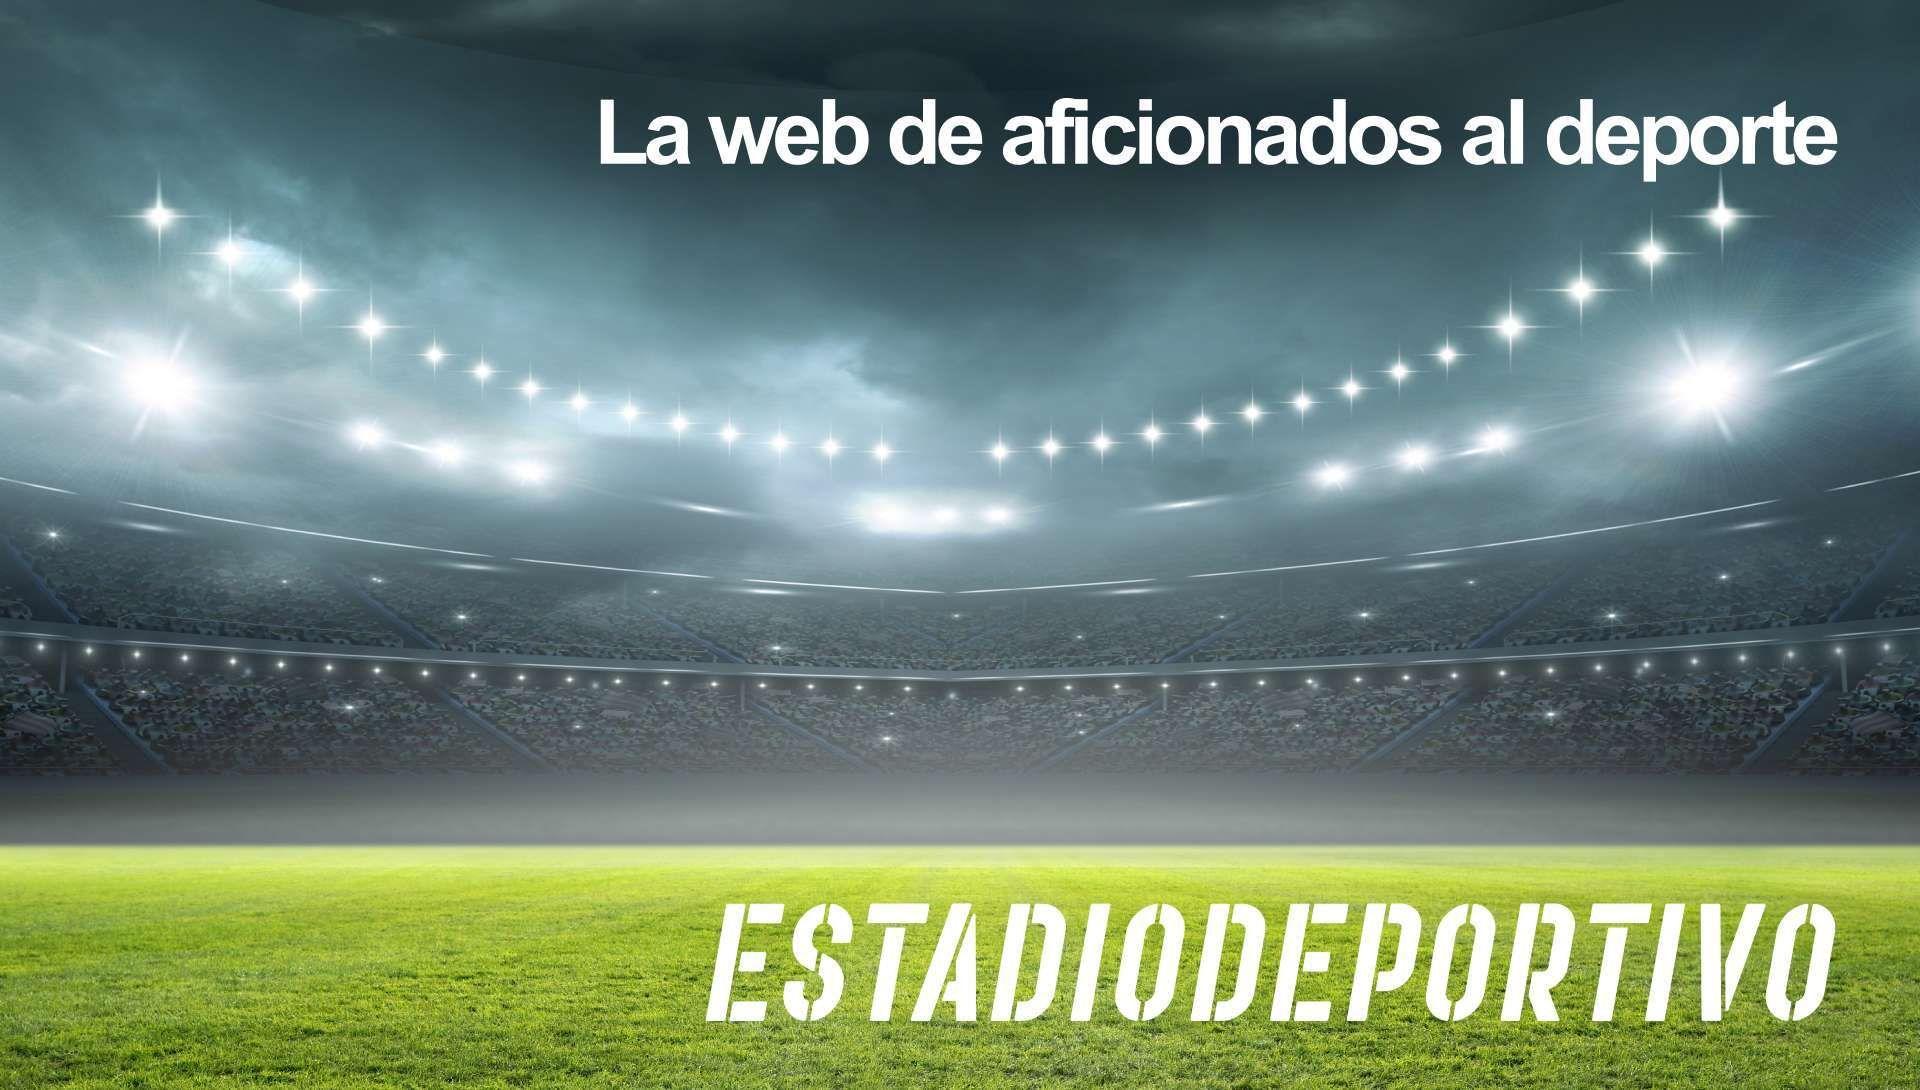 Las portadas deportivas del miércoles 6 de octubre